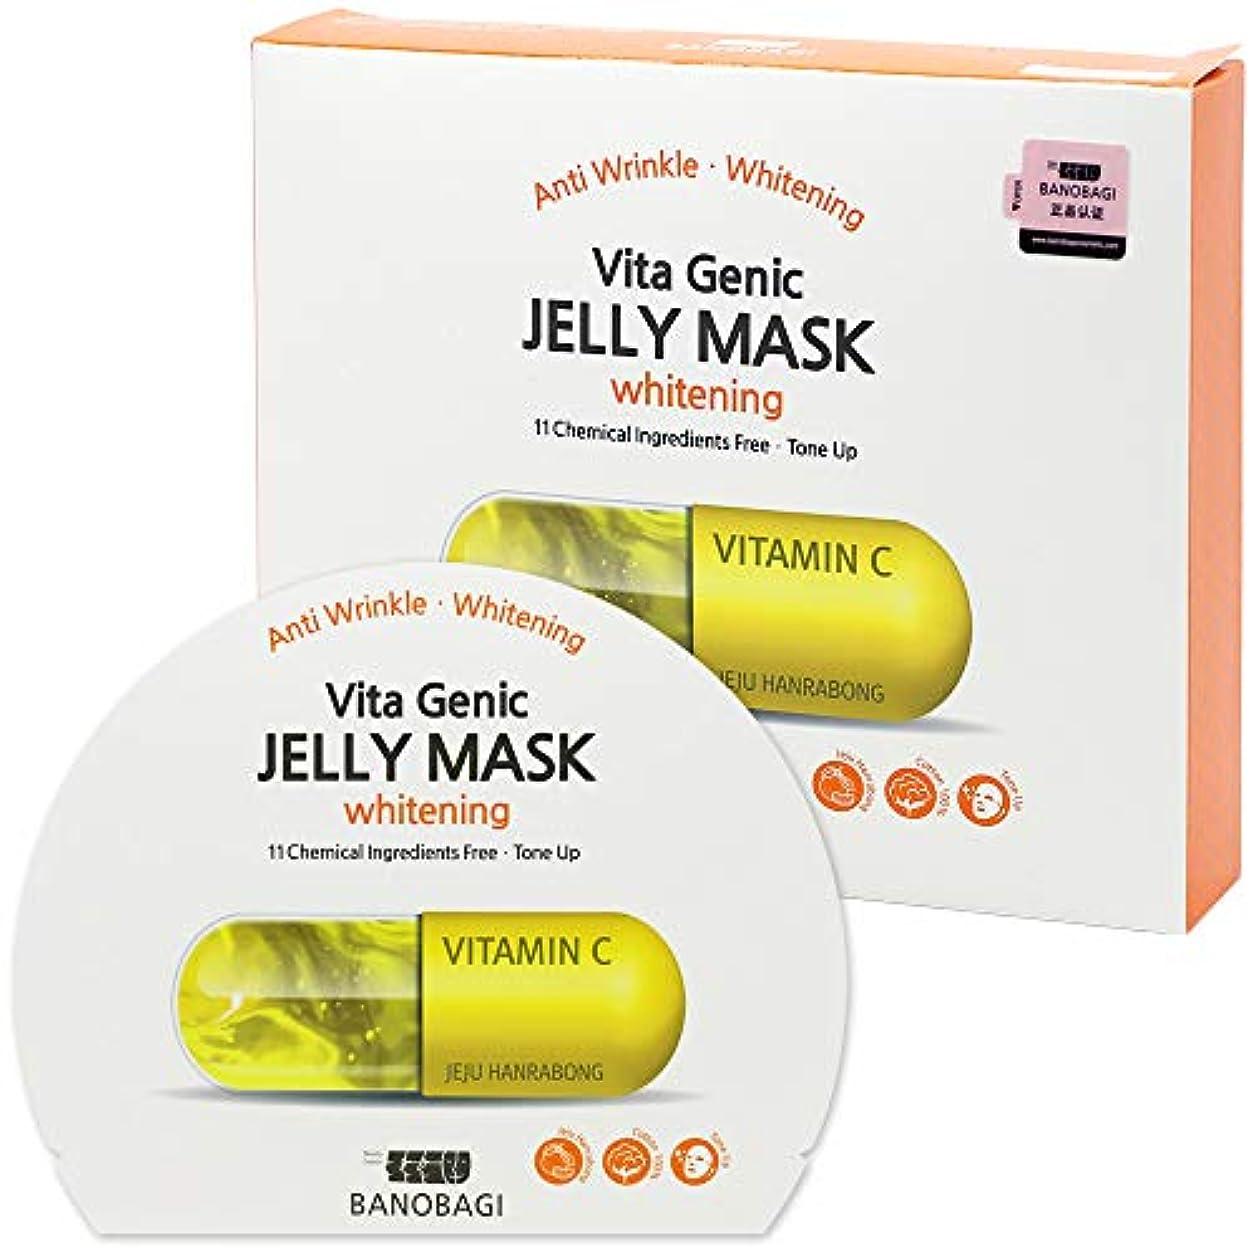 財団アシスト考案するバナバギ[BANOBAGI] ヴィータジェニックゼリーマスク★ホワイトニング(黄色)30mlx10P / Vita Genic Jelly Mask (Whitening-Yellow)